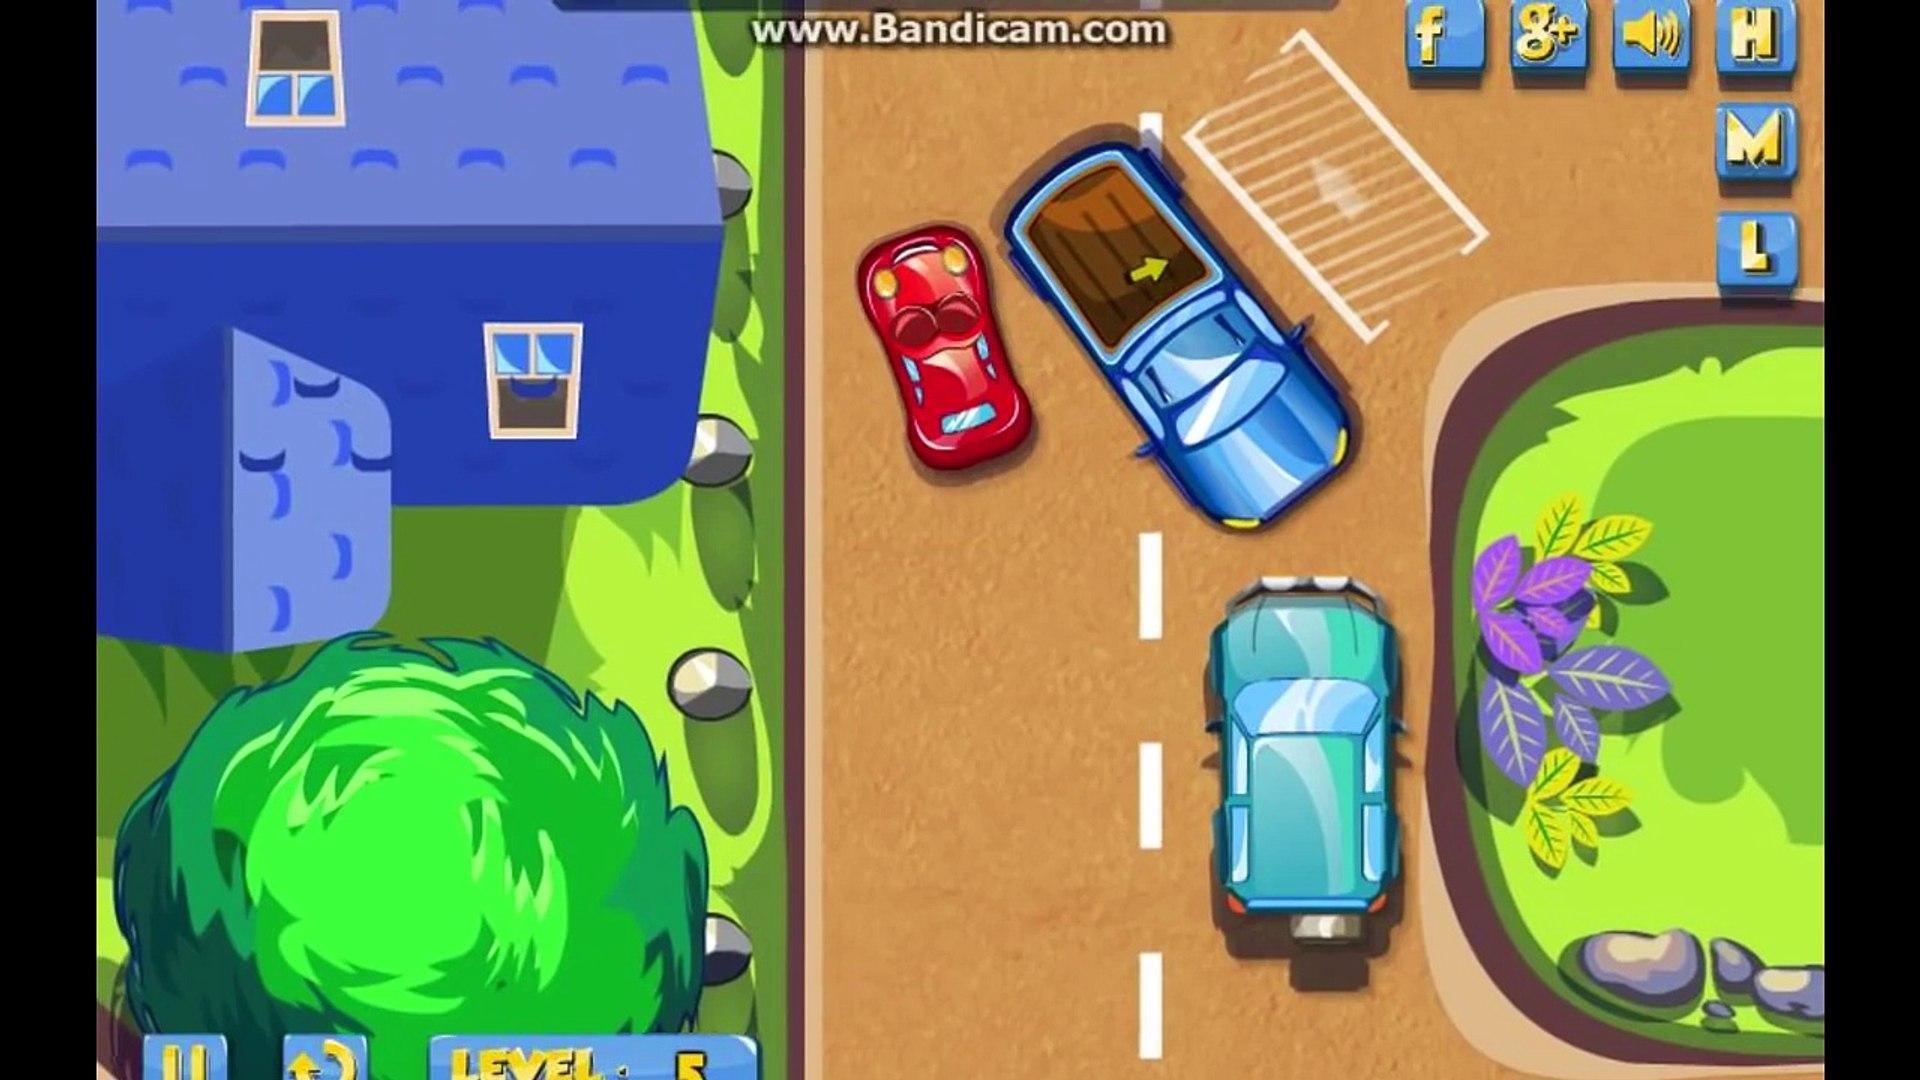 Красная Машинка. Мультик про Красную Машинку Игра. Играем и учимся водить в мультике про машинку.